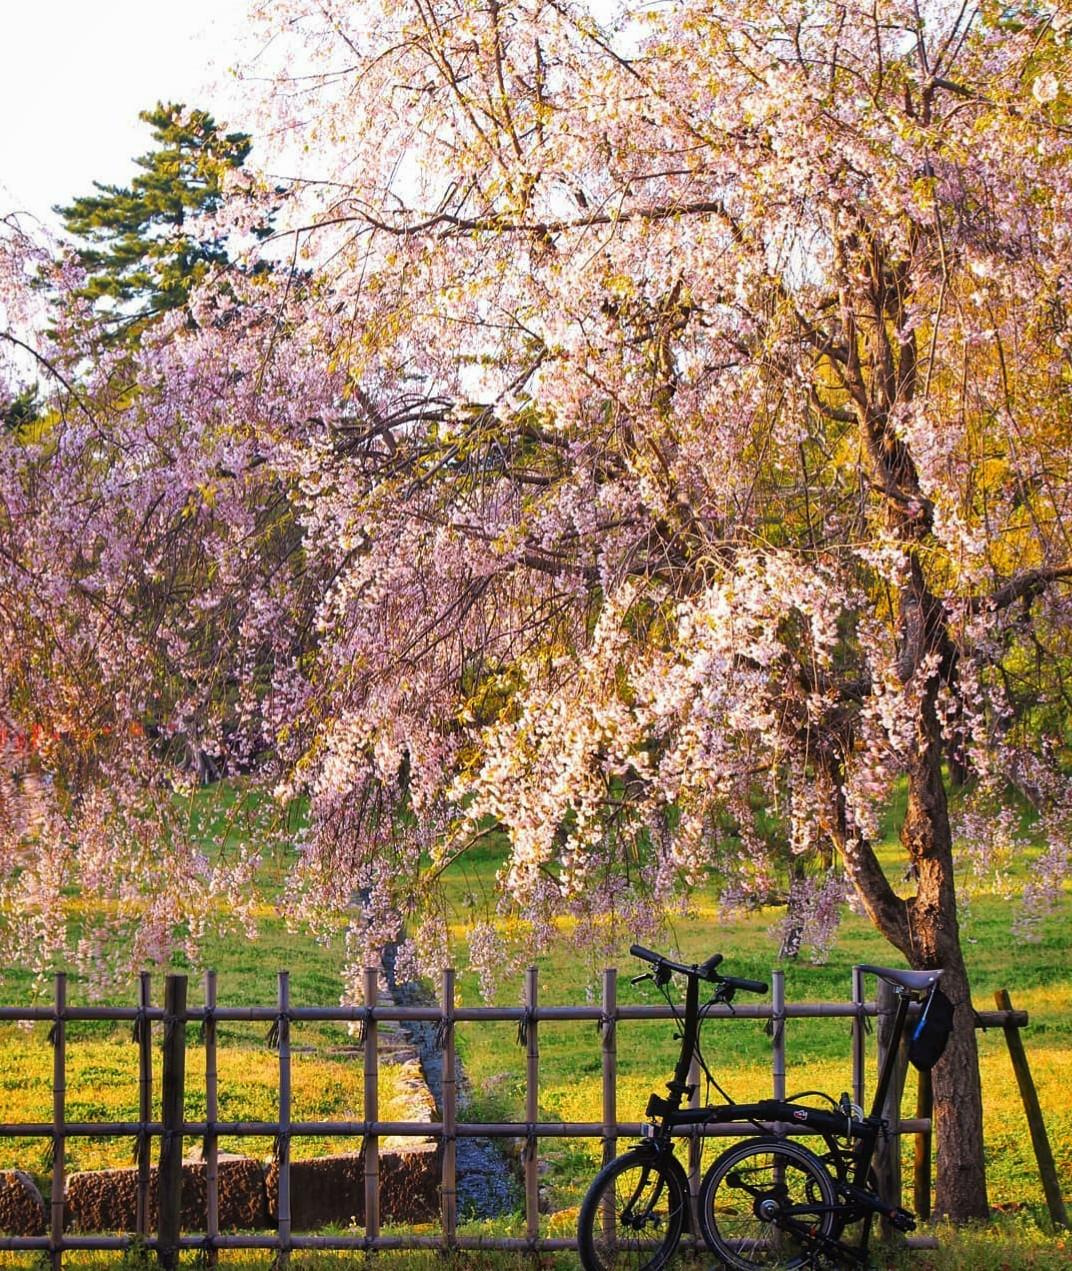 峰瘋瘋的旅行故事: 島根松江必訪國寶 -松江城,山陰地區唯一木造天守